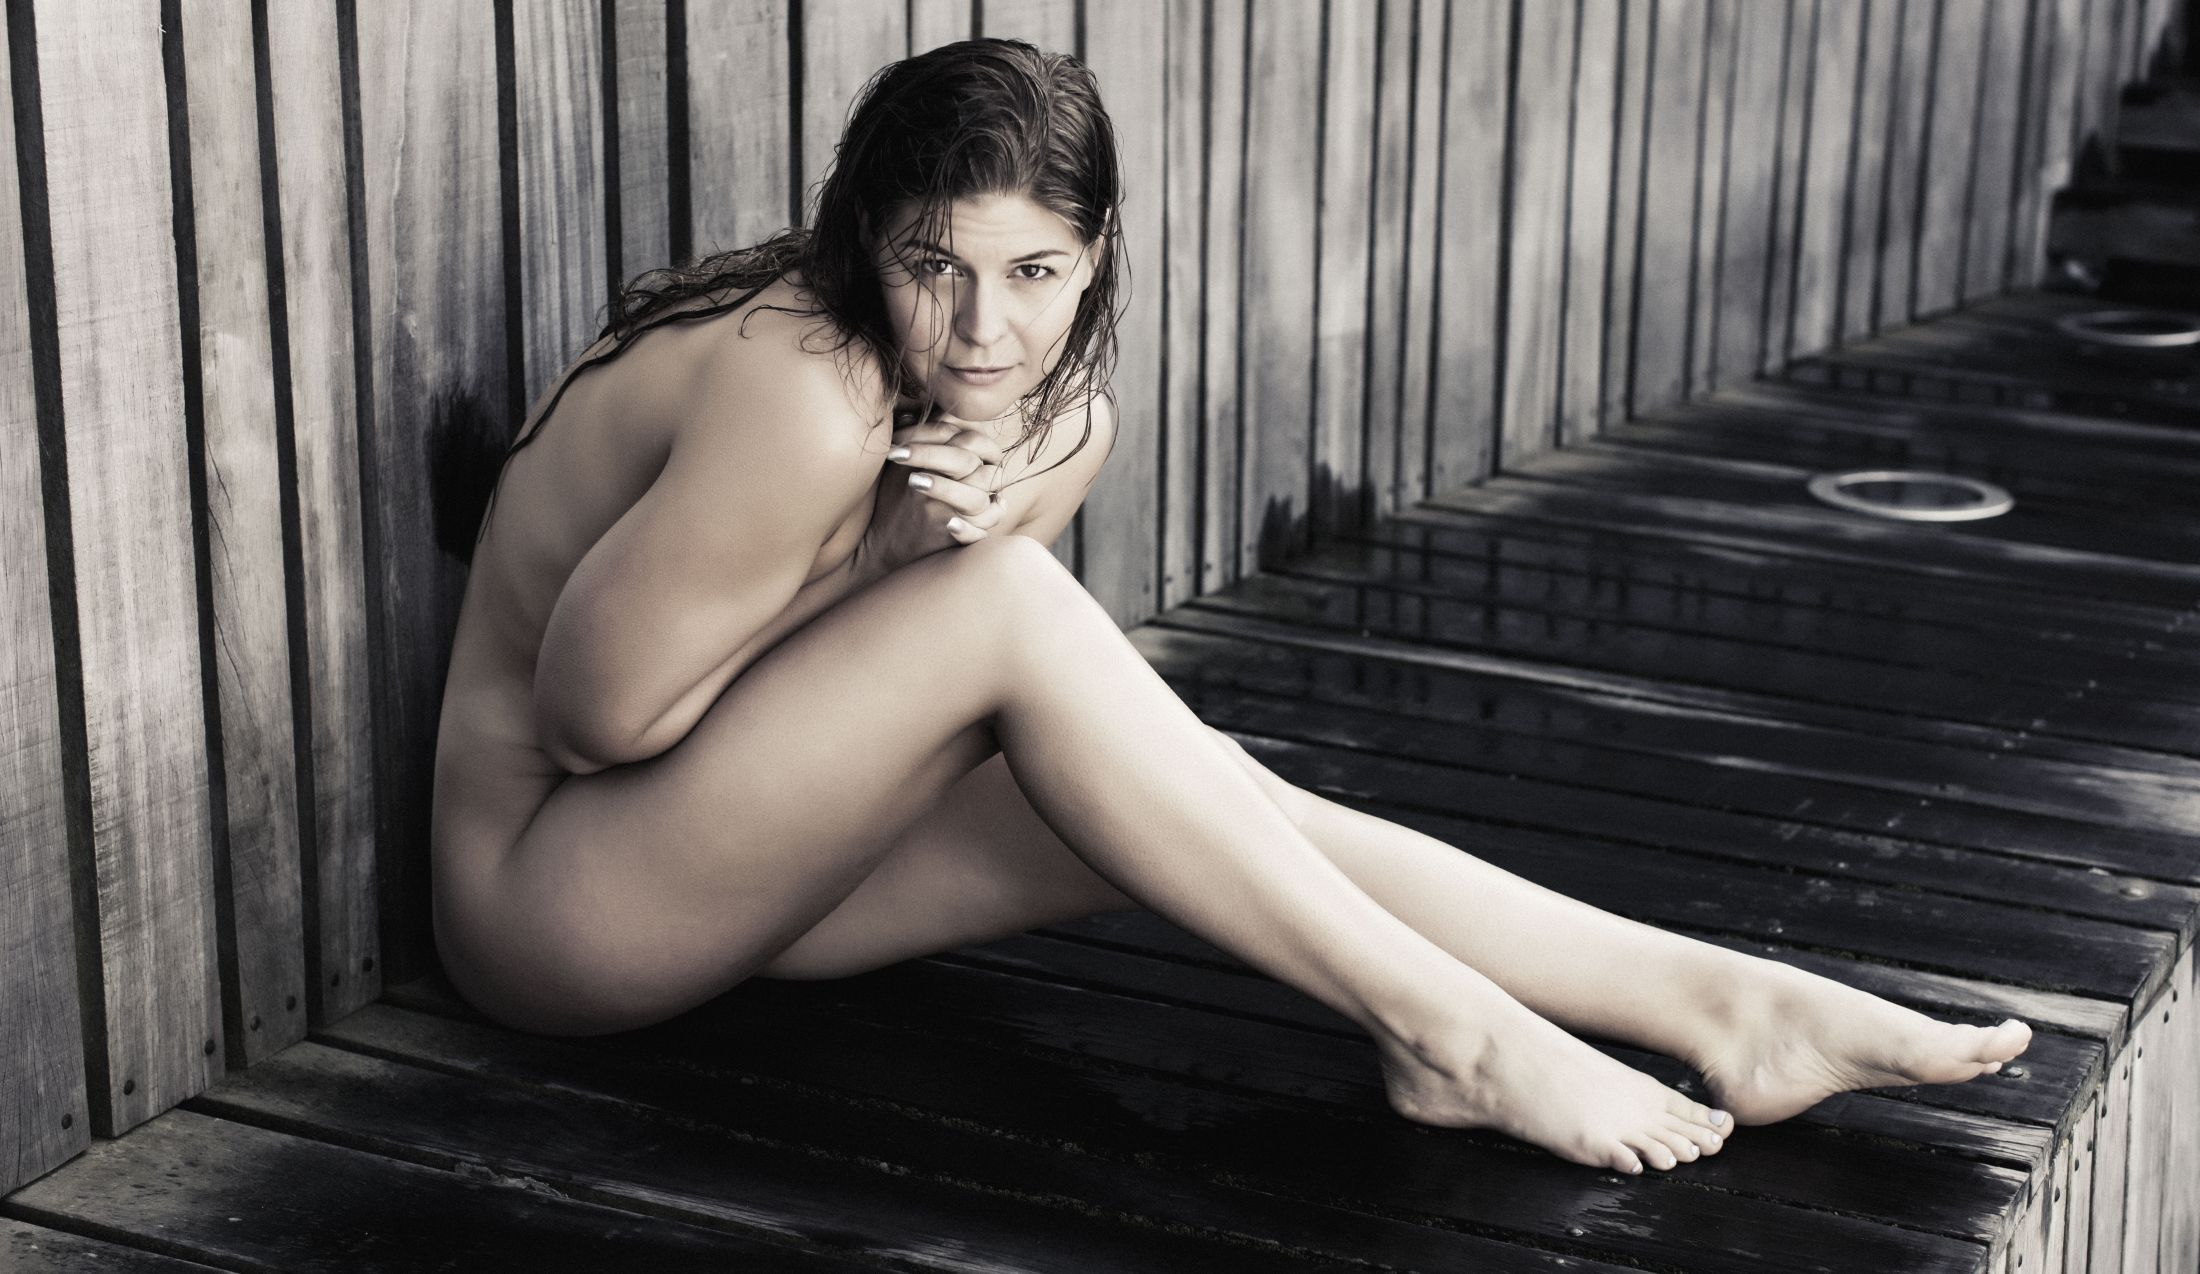 hotte piger thai massage i ballerup